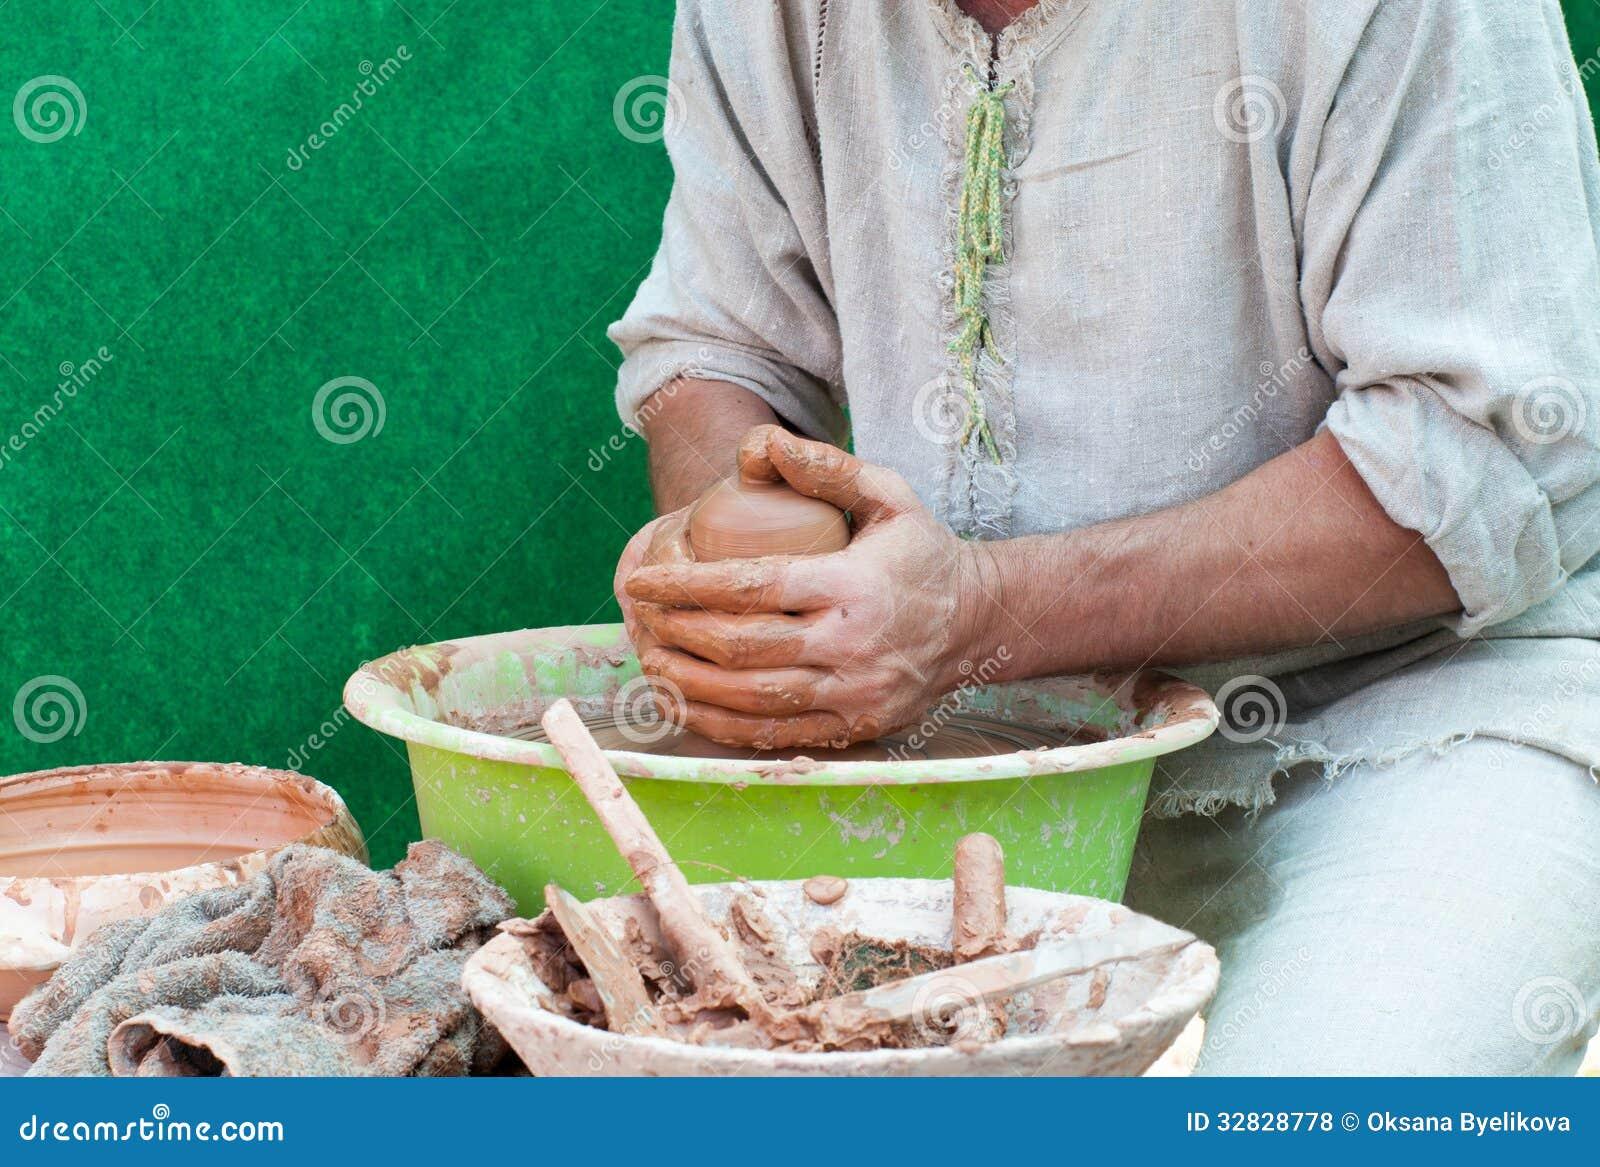 Trabajos del alfarero. Proceso de la creación de la loza en cerámica en el w de los alfareros